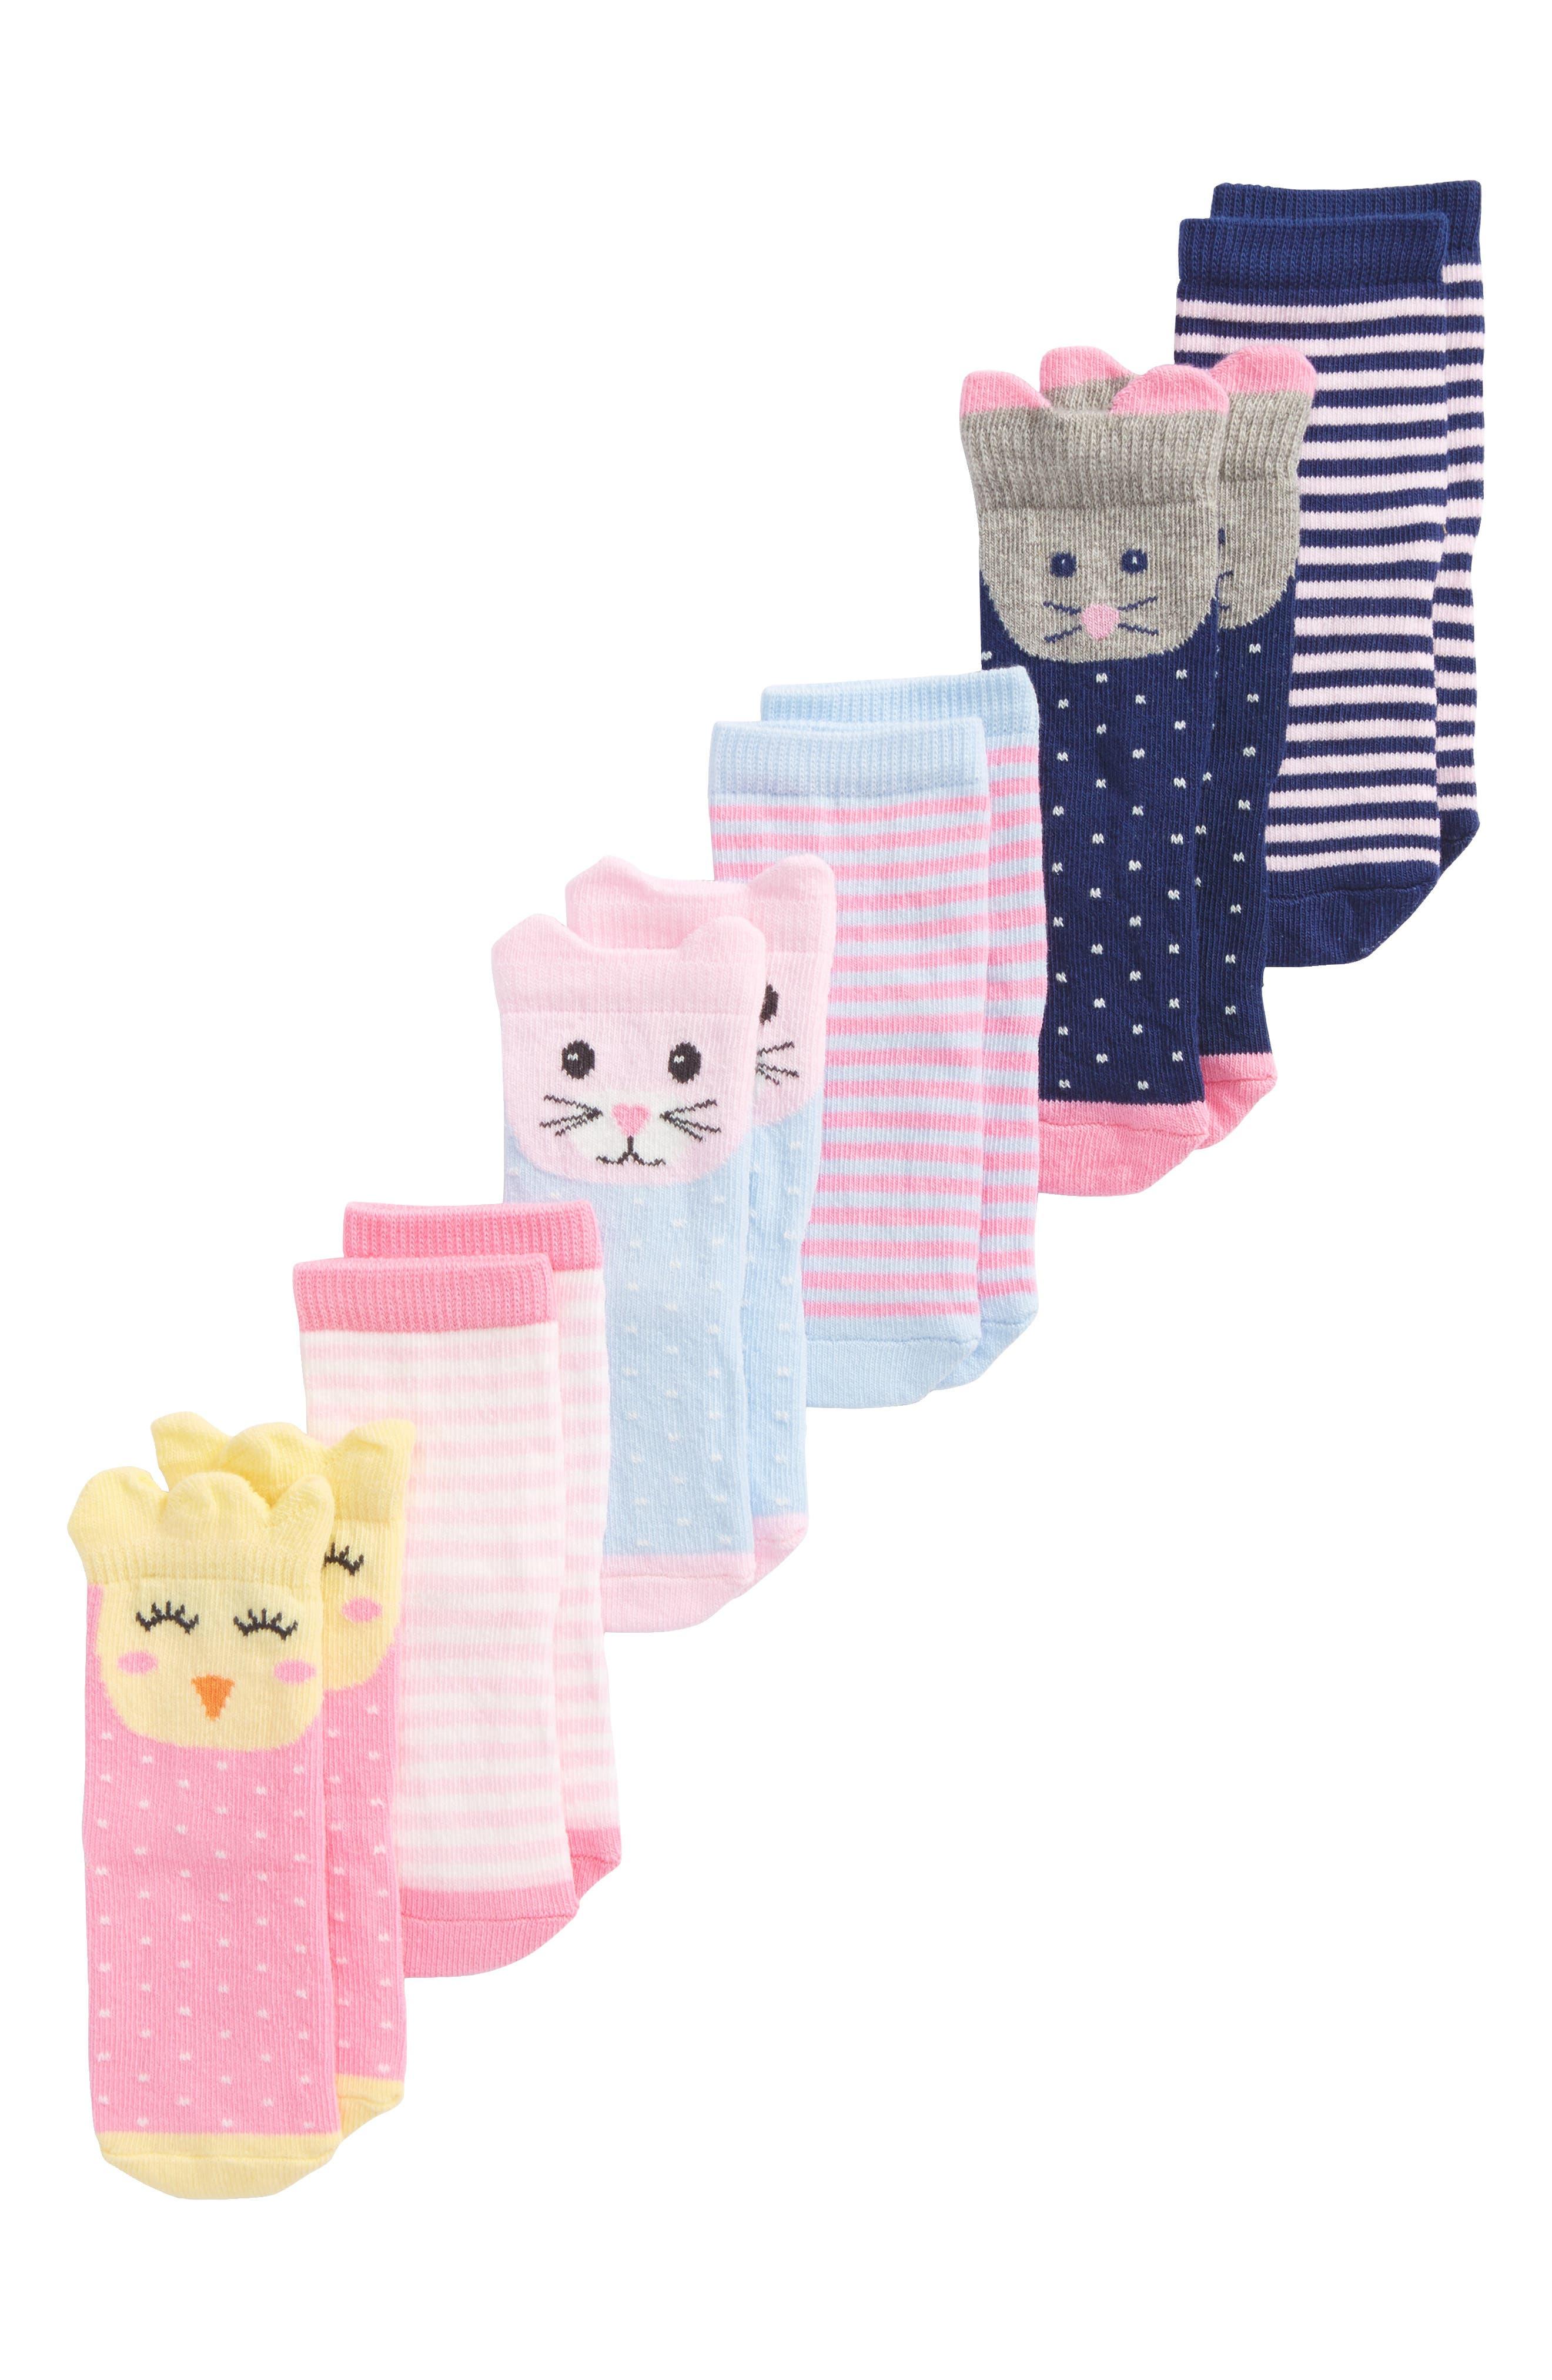 6-Pack Animal Socks,                             Main thumbnail 1, color,                             GIRL ANIMAL PACK